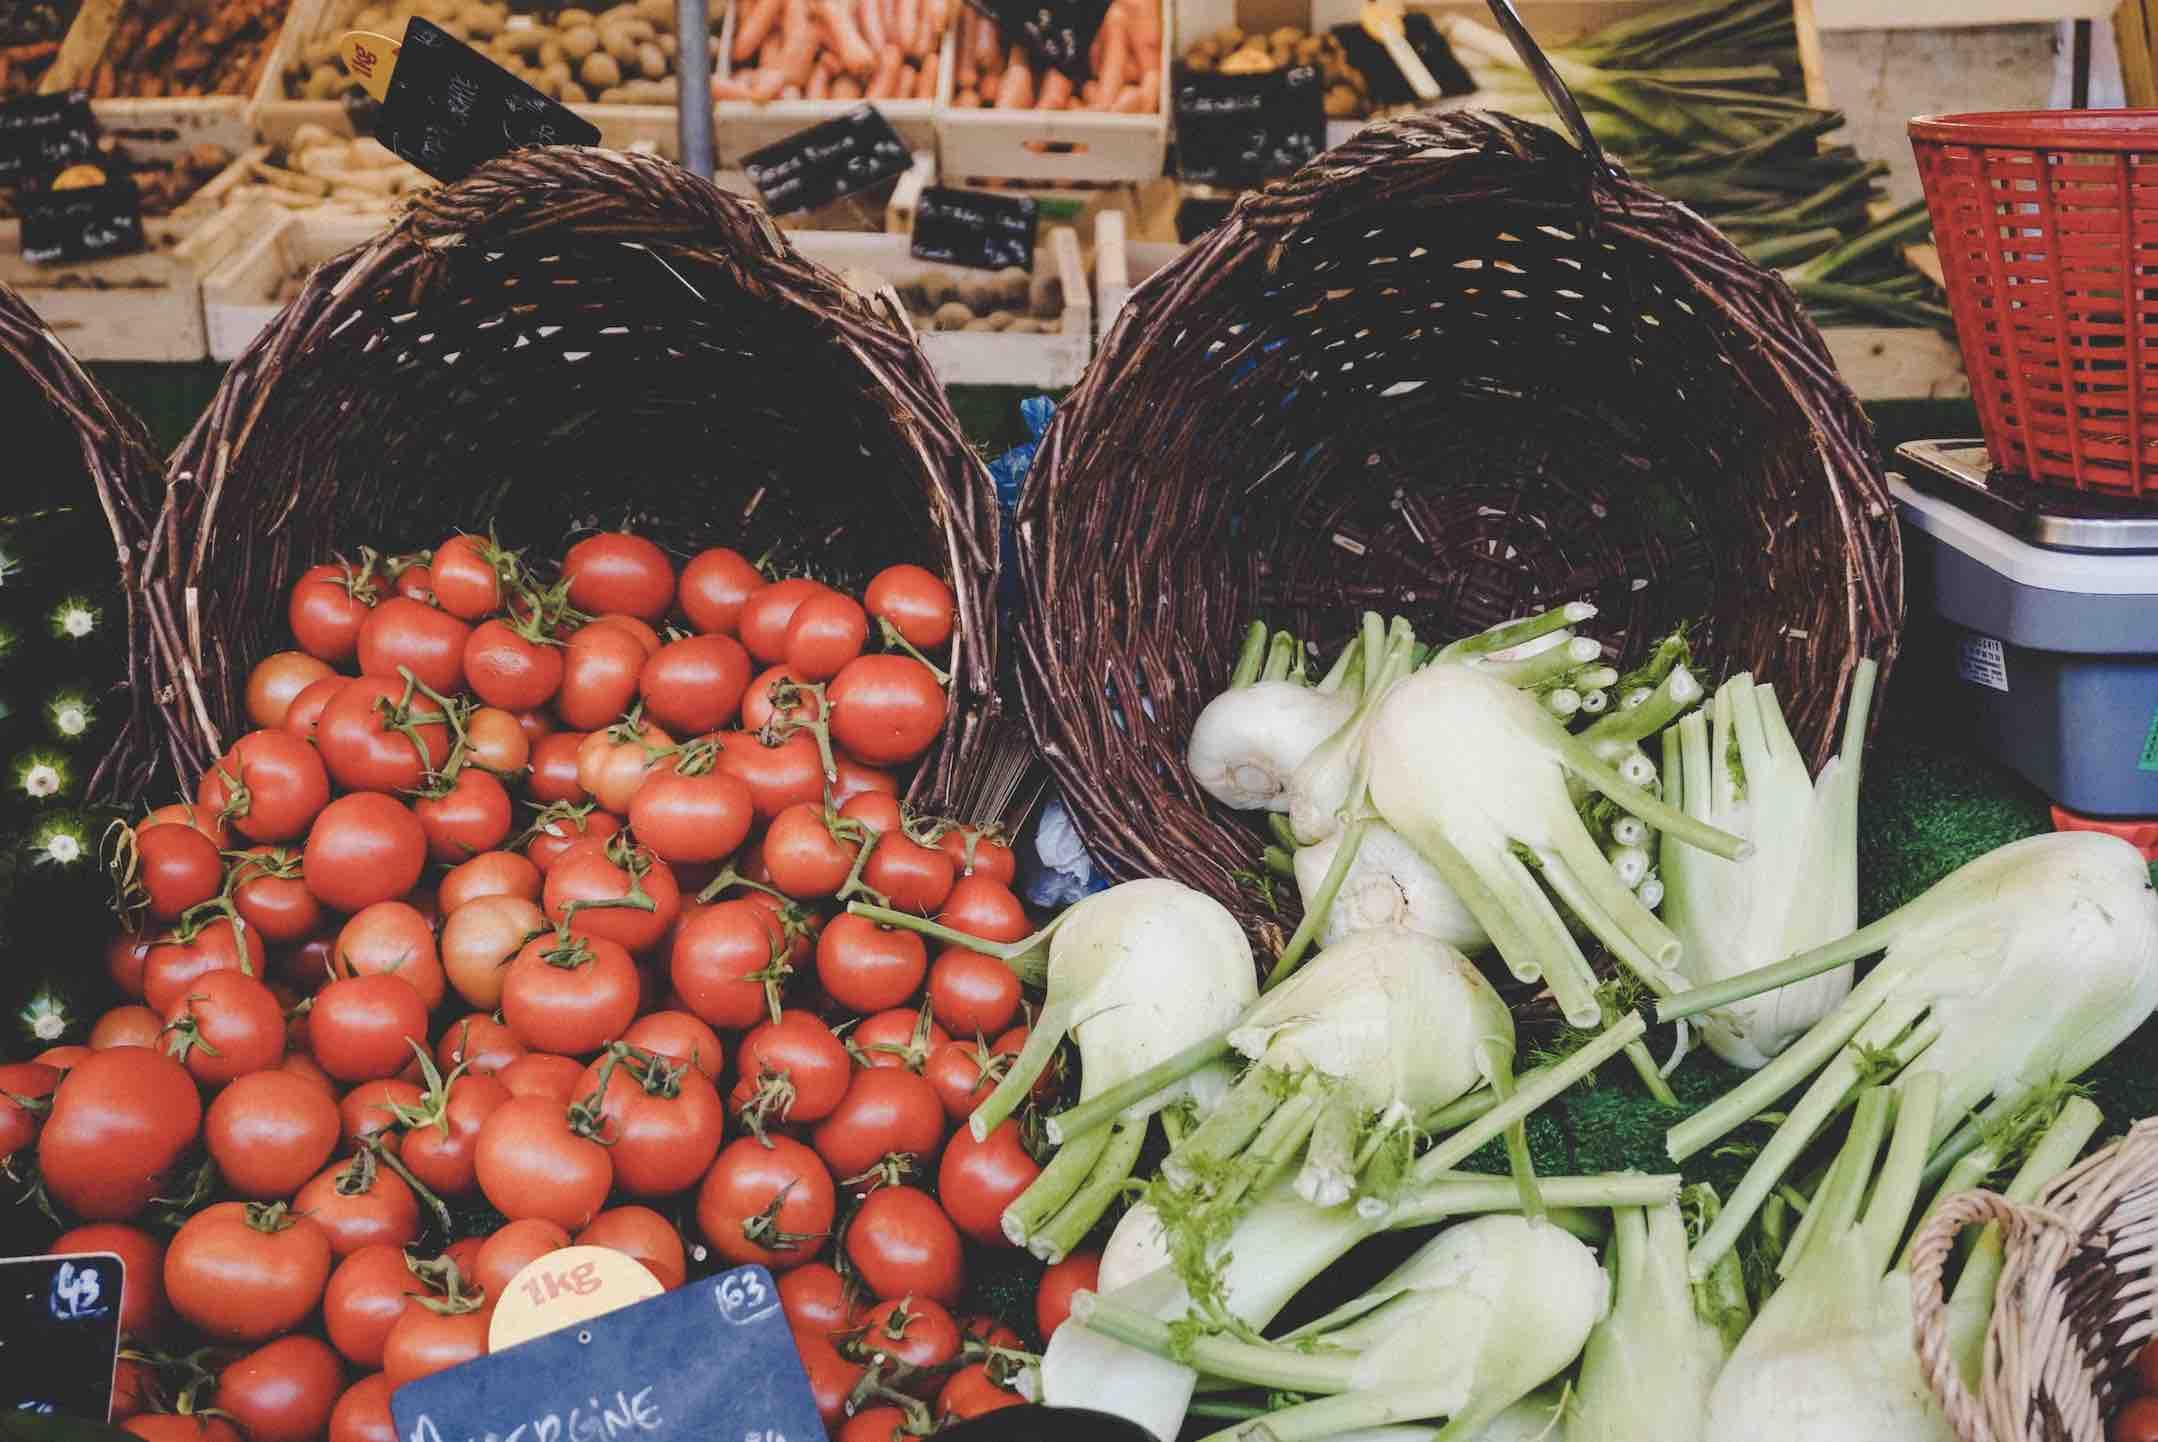 Fresh vegetables on display at Marche des Enfants Rouge